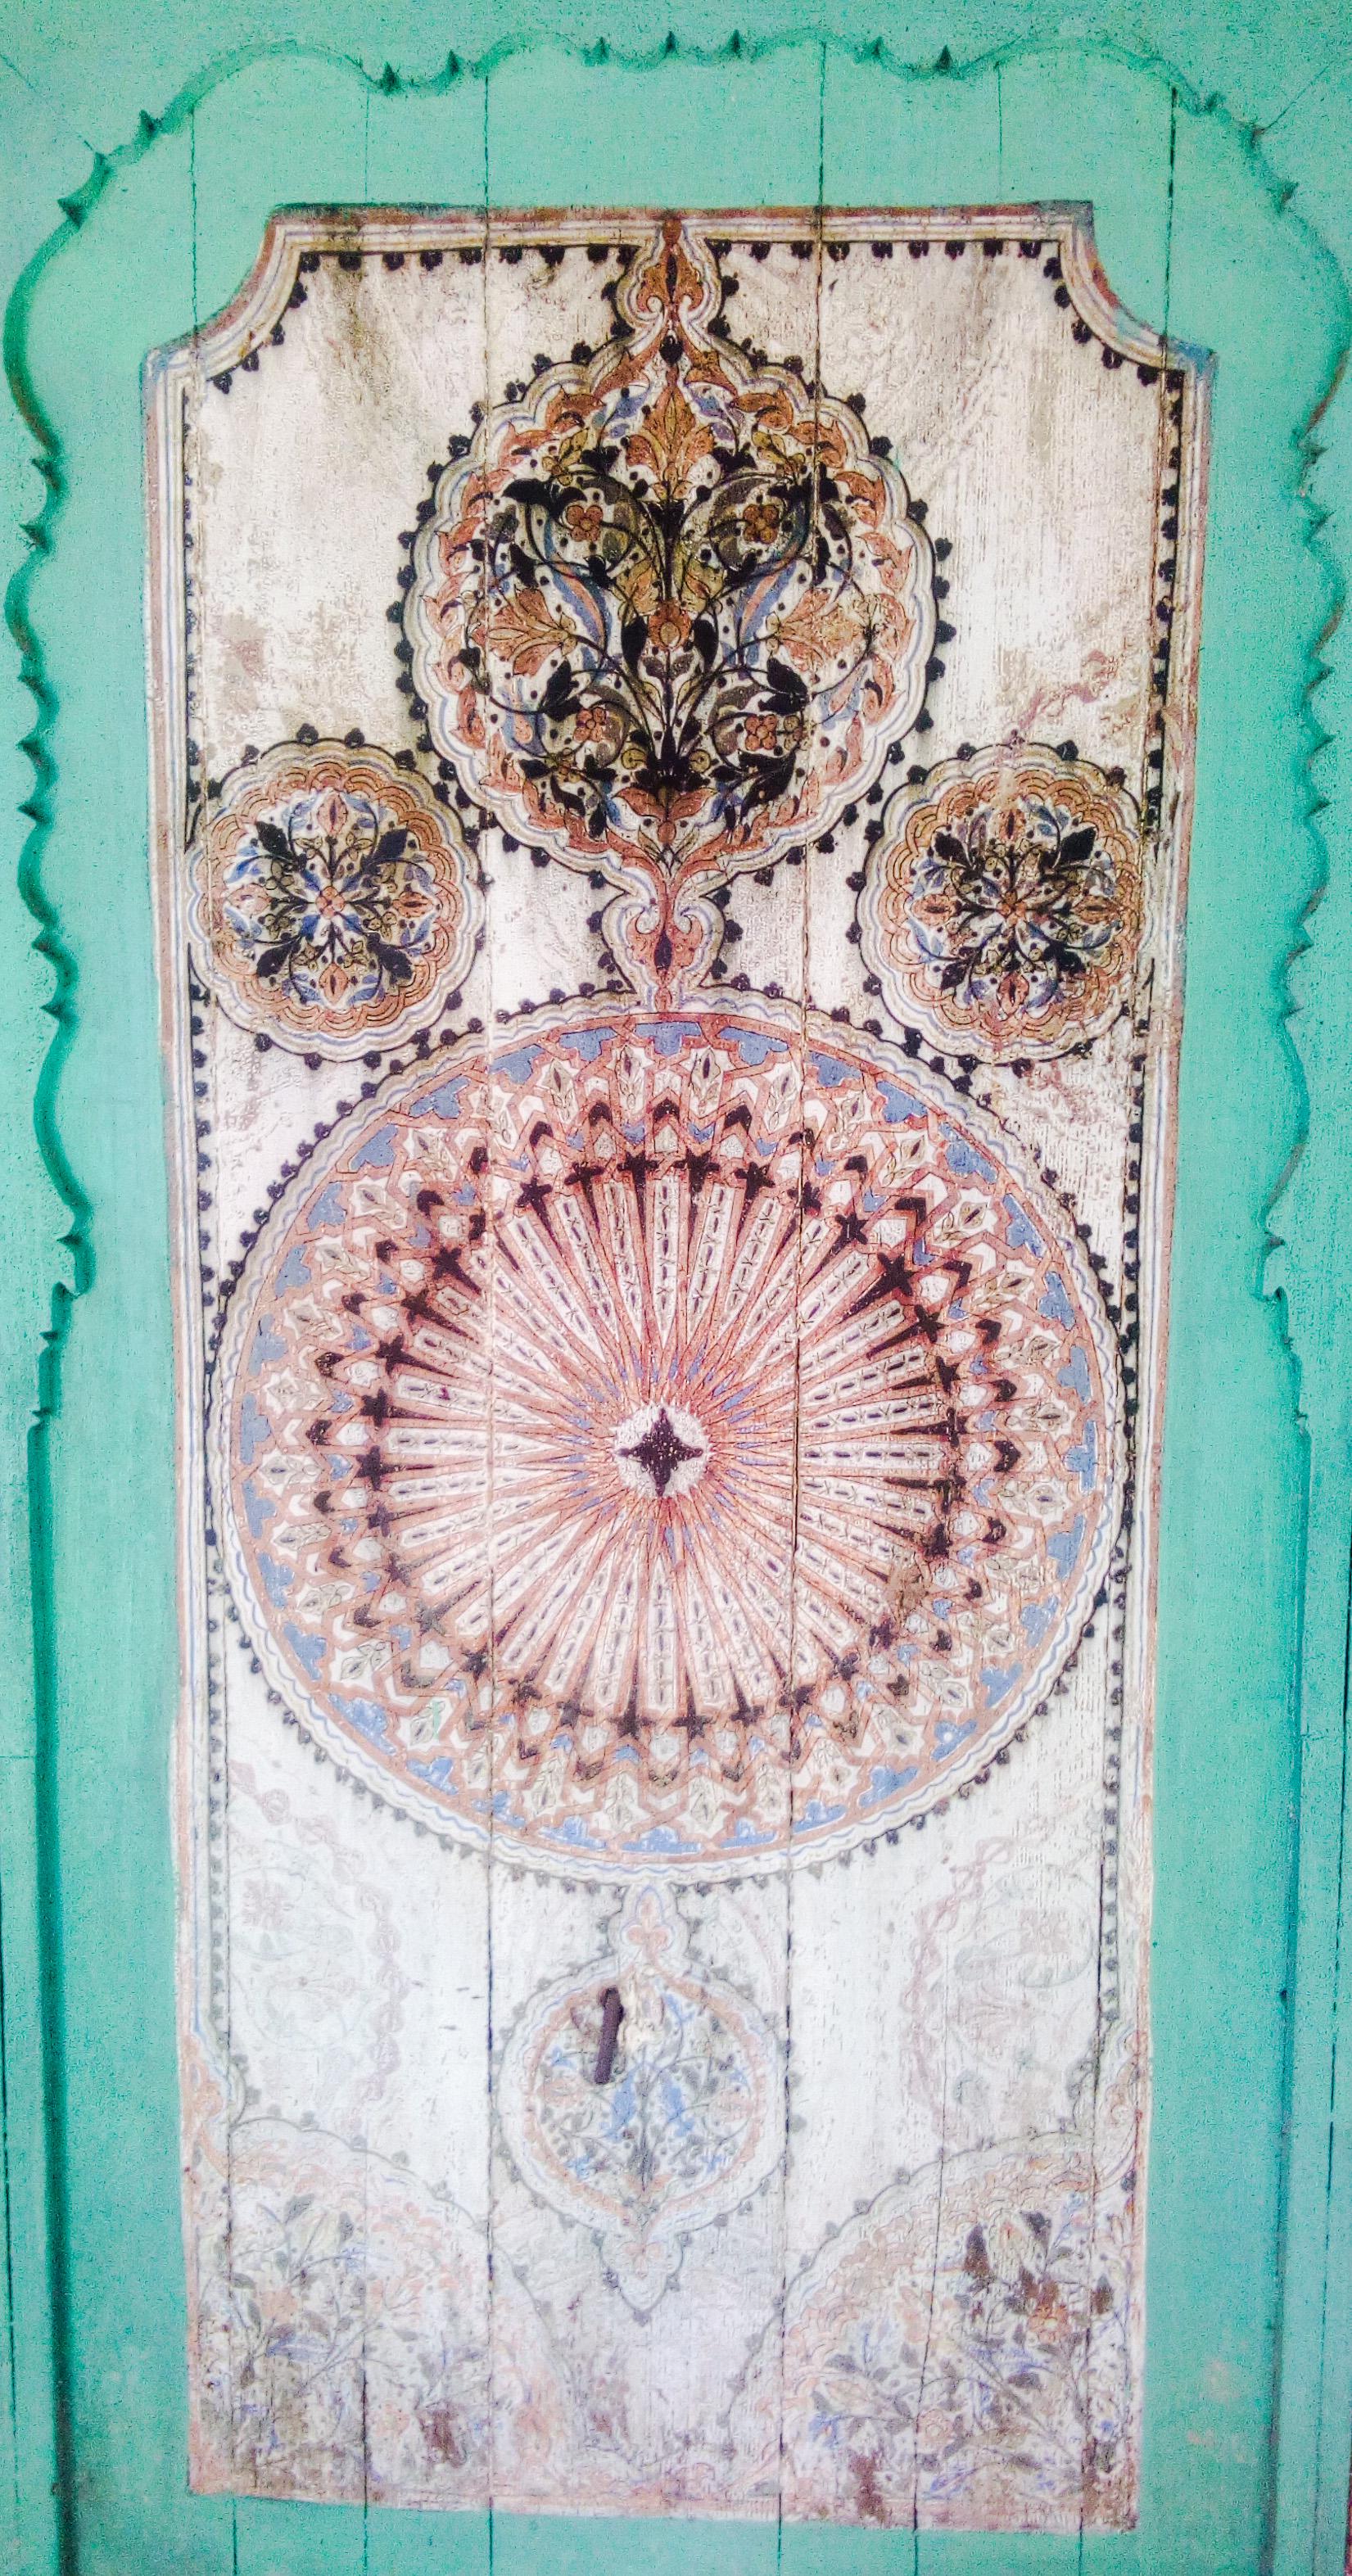 Image d'une boiserie sculptée turquoise dans le musée Dar Jamai à Meknès au Maroc